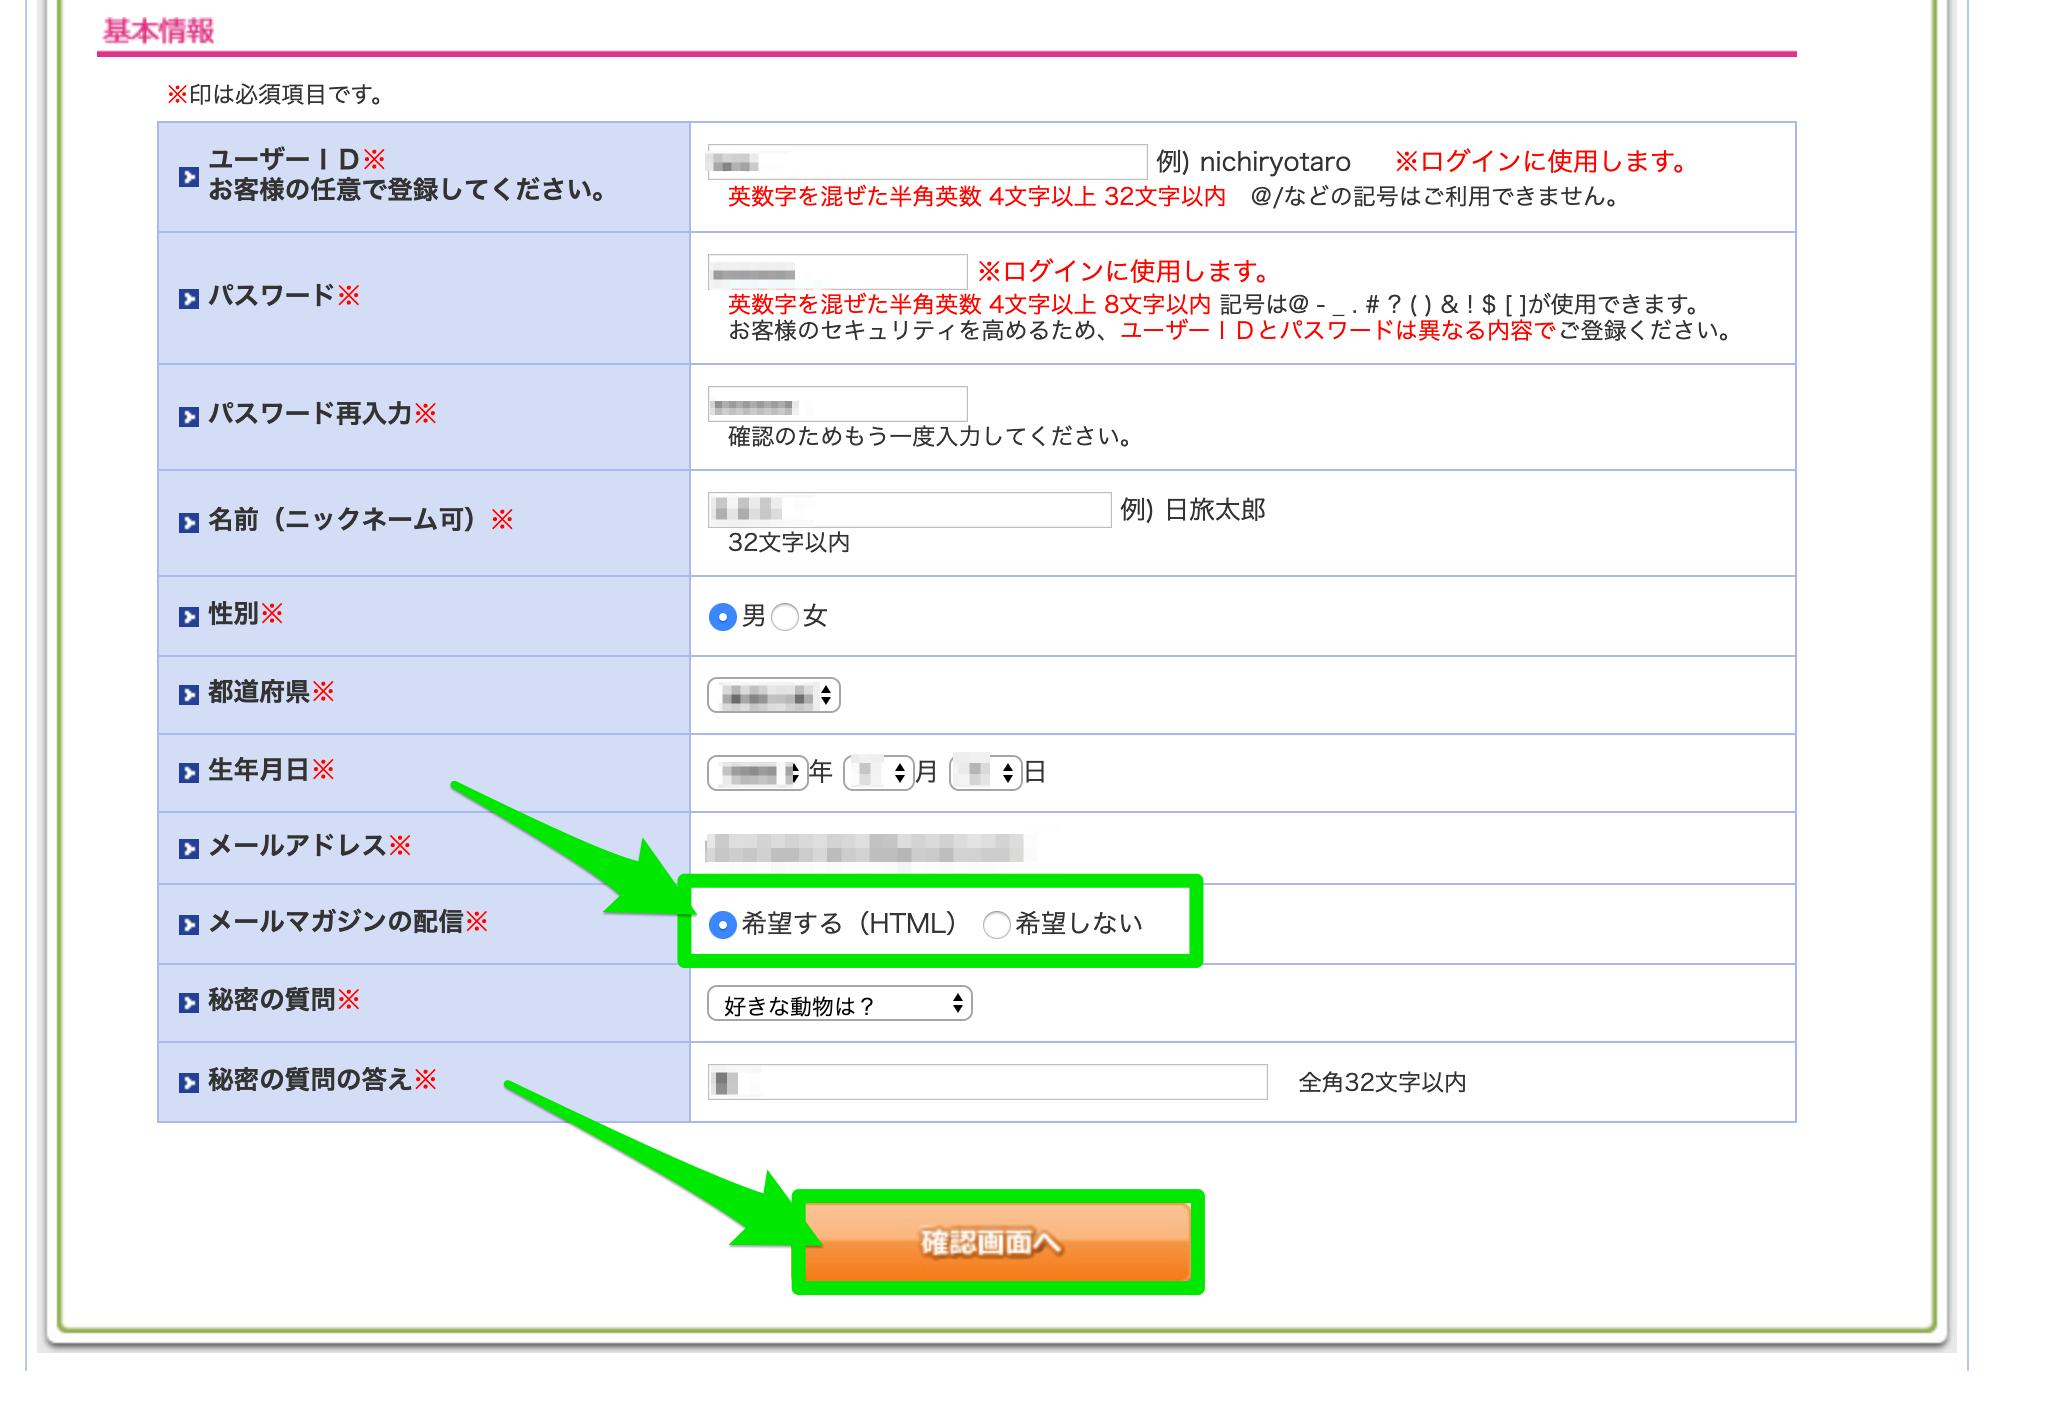 日本旅行の無料会員登録の手続きでメールマガジンに登録